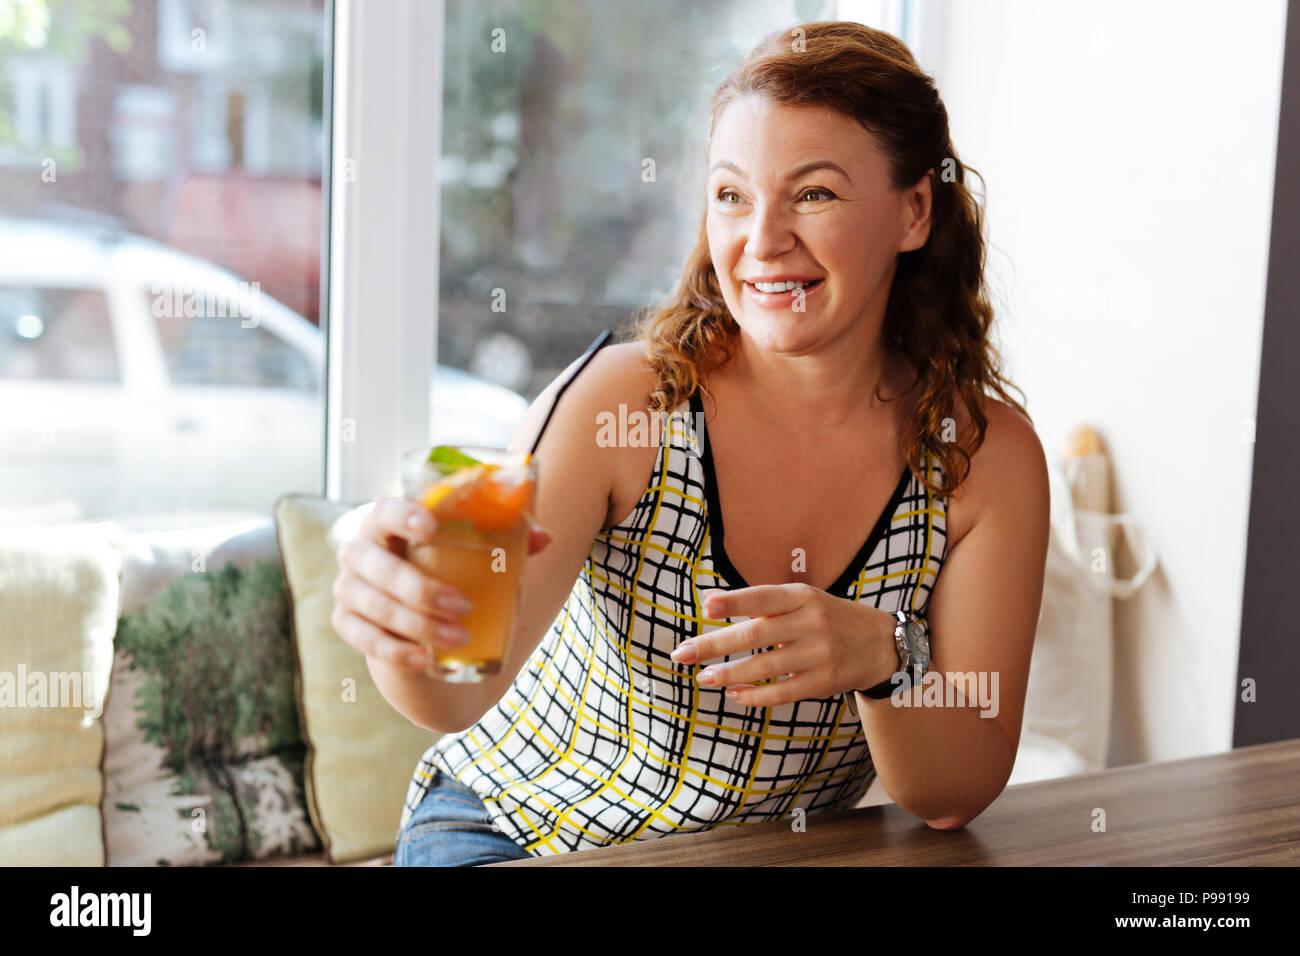 Rothaarige strahlende Frau trinkt Cocktail im Restaurant Stockbild